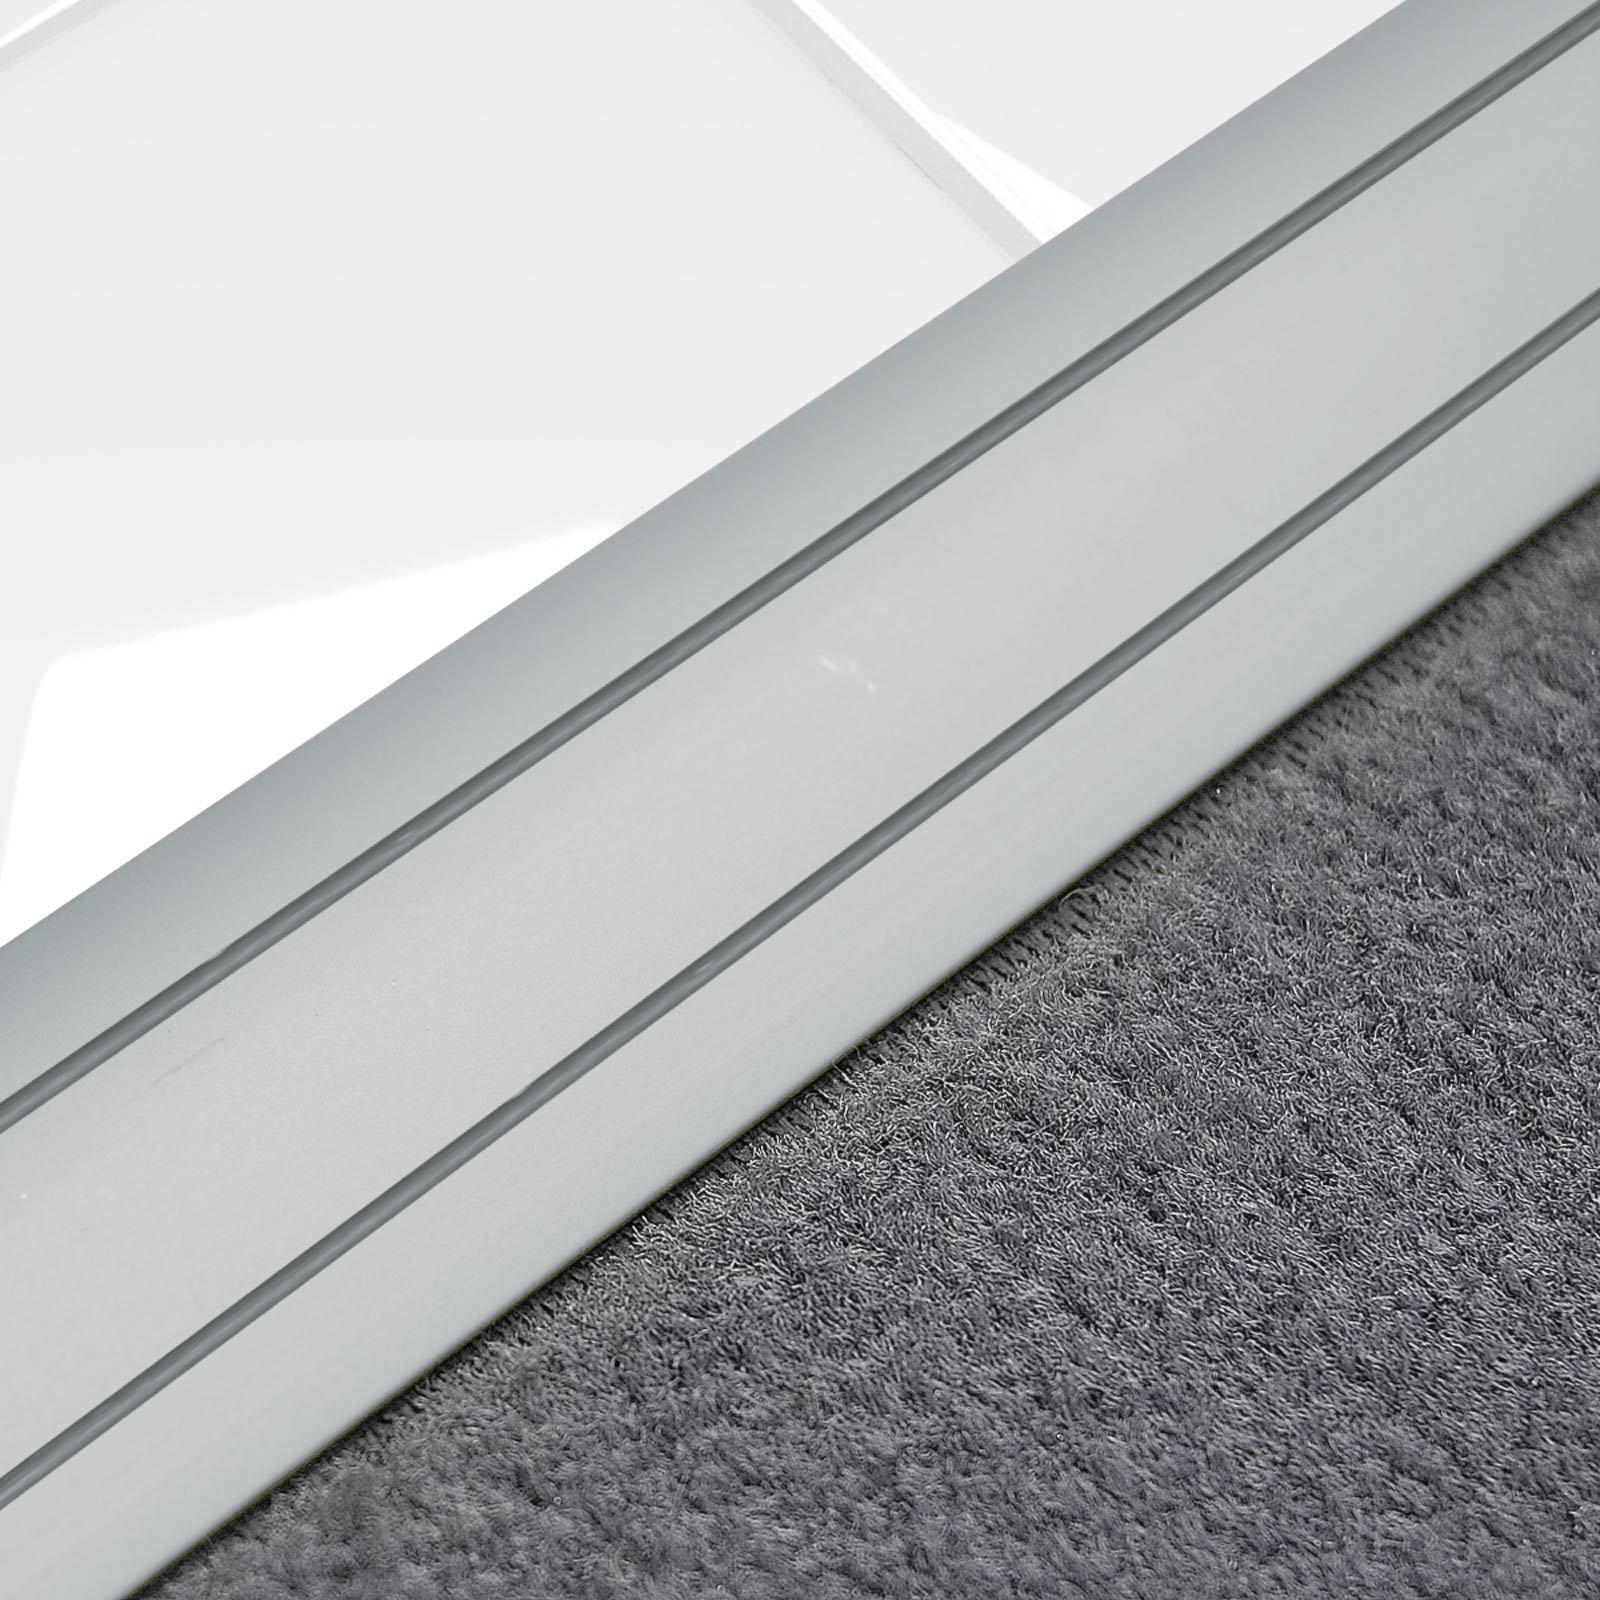 Alu Übergangsprofil Teppichschiene Schweller Laminat Parkett Profil flach 36mm  Silber